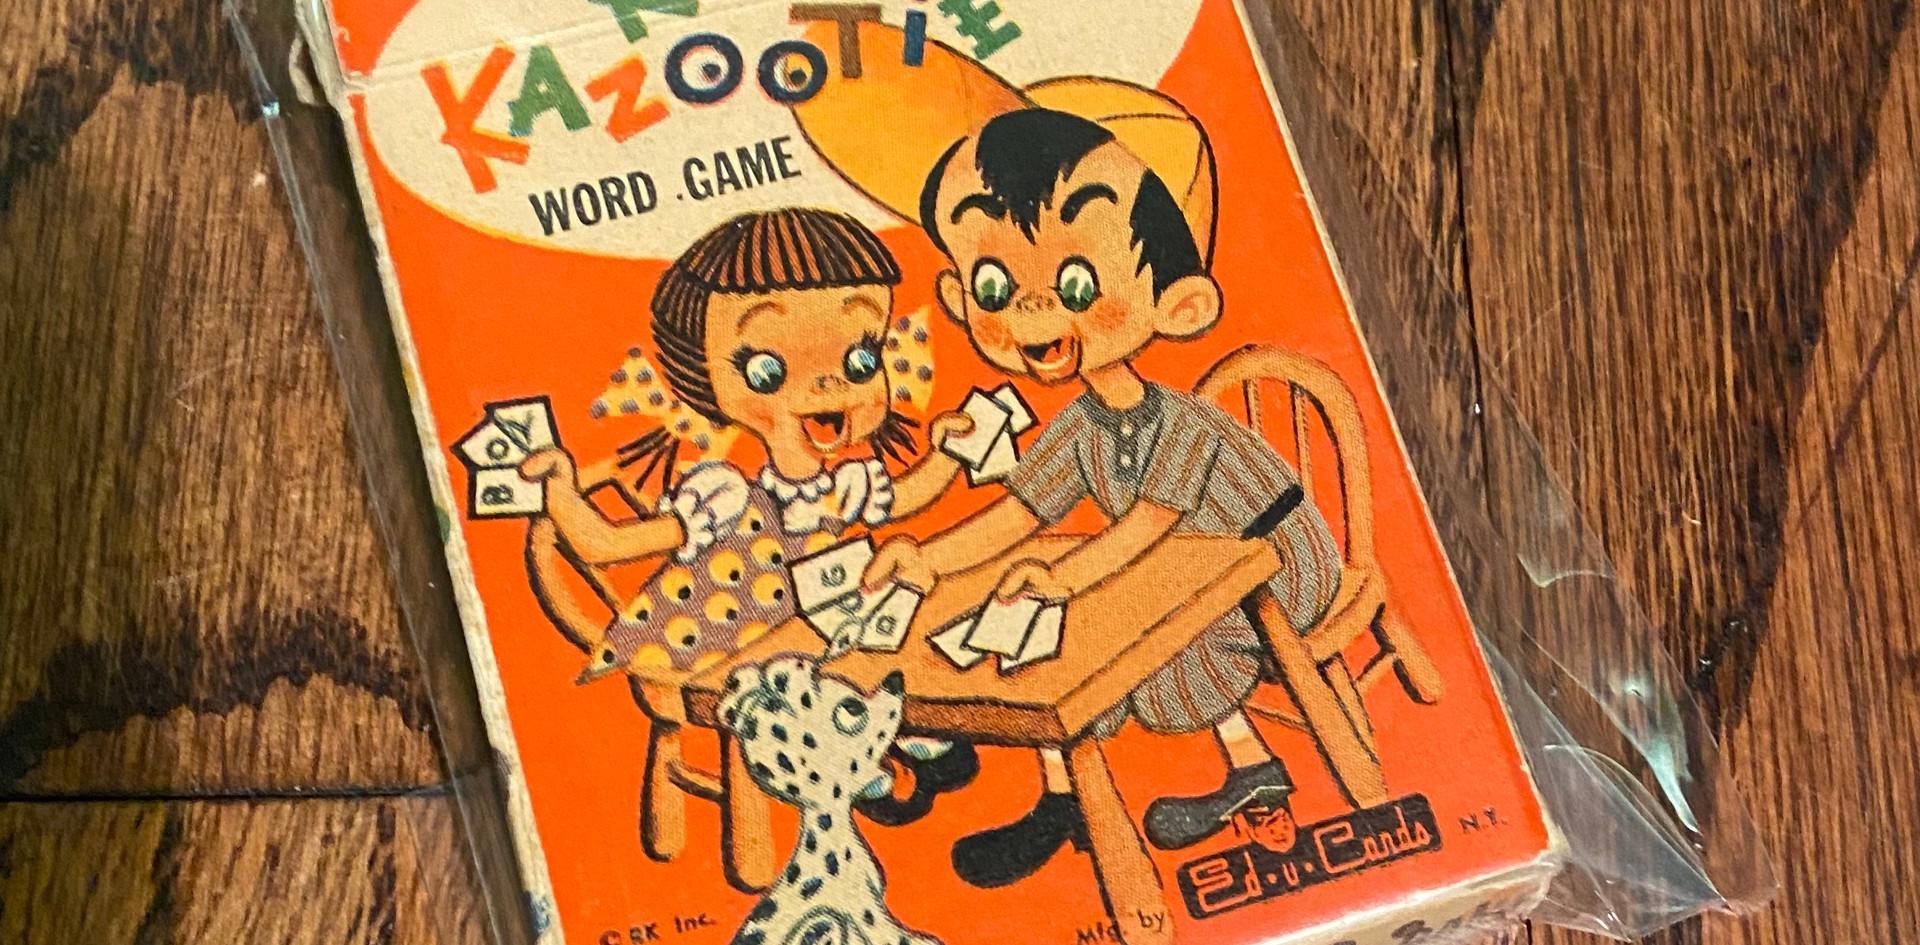 Rootie Kazootie Word Game